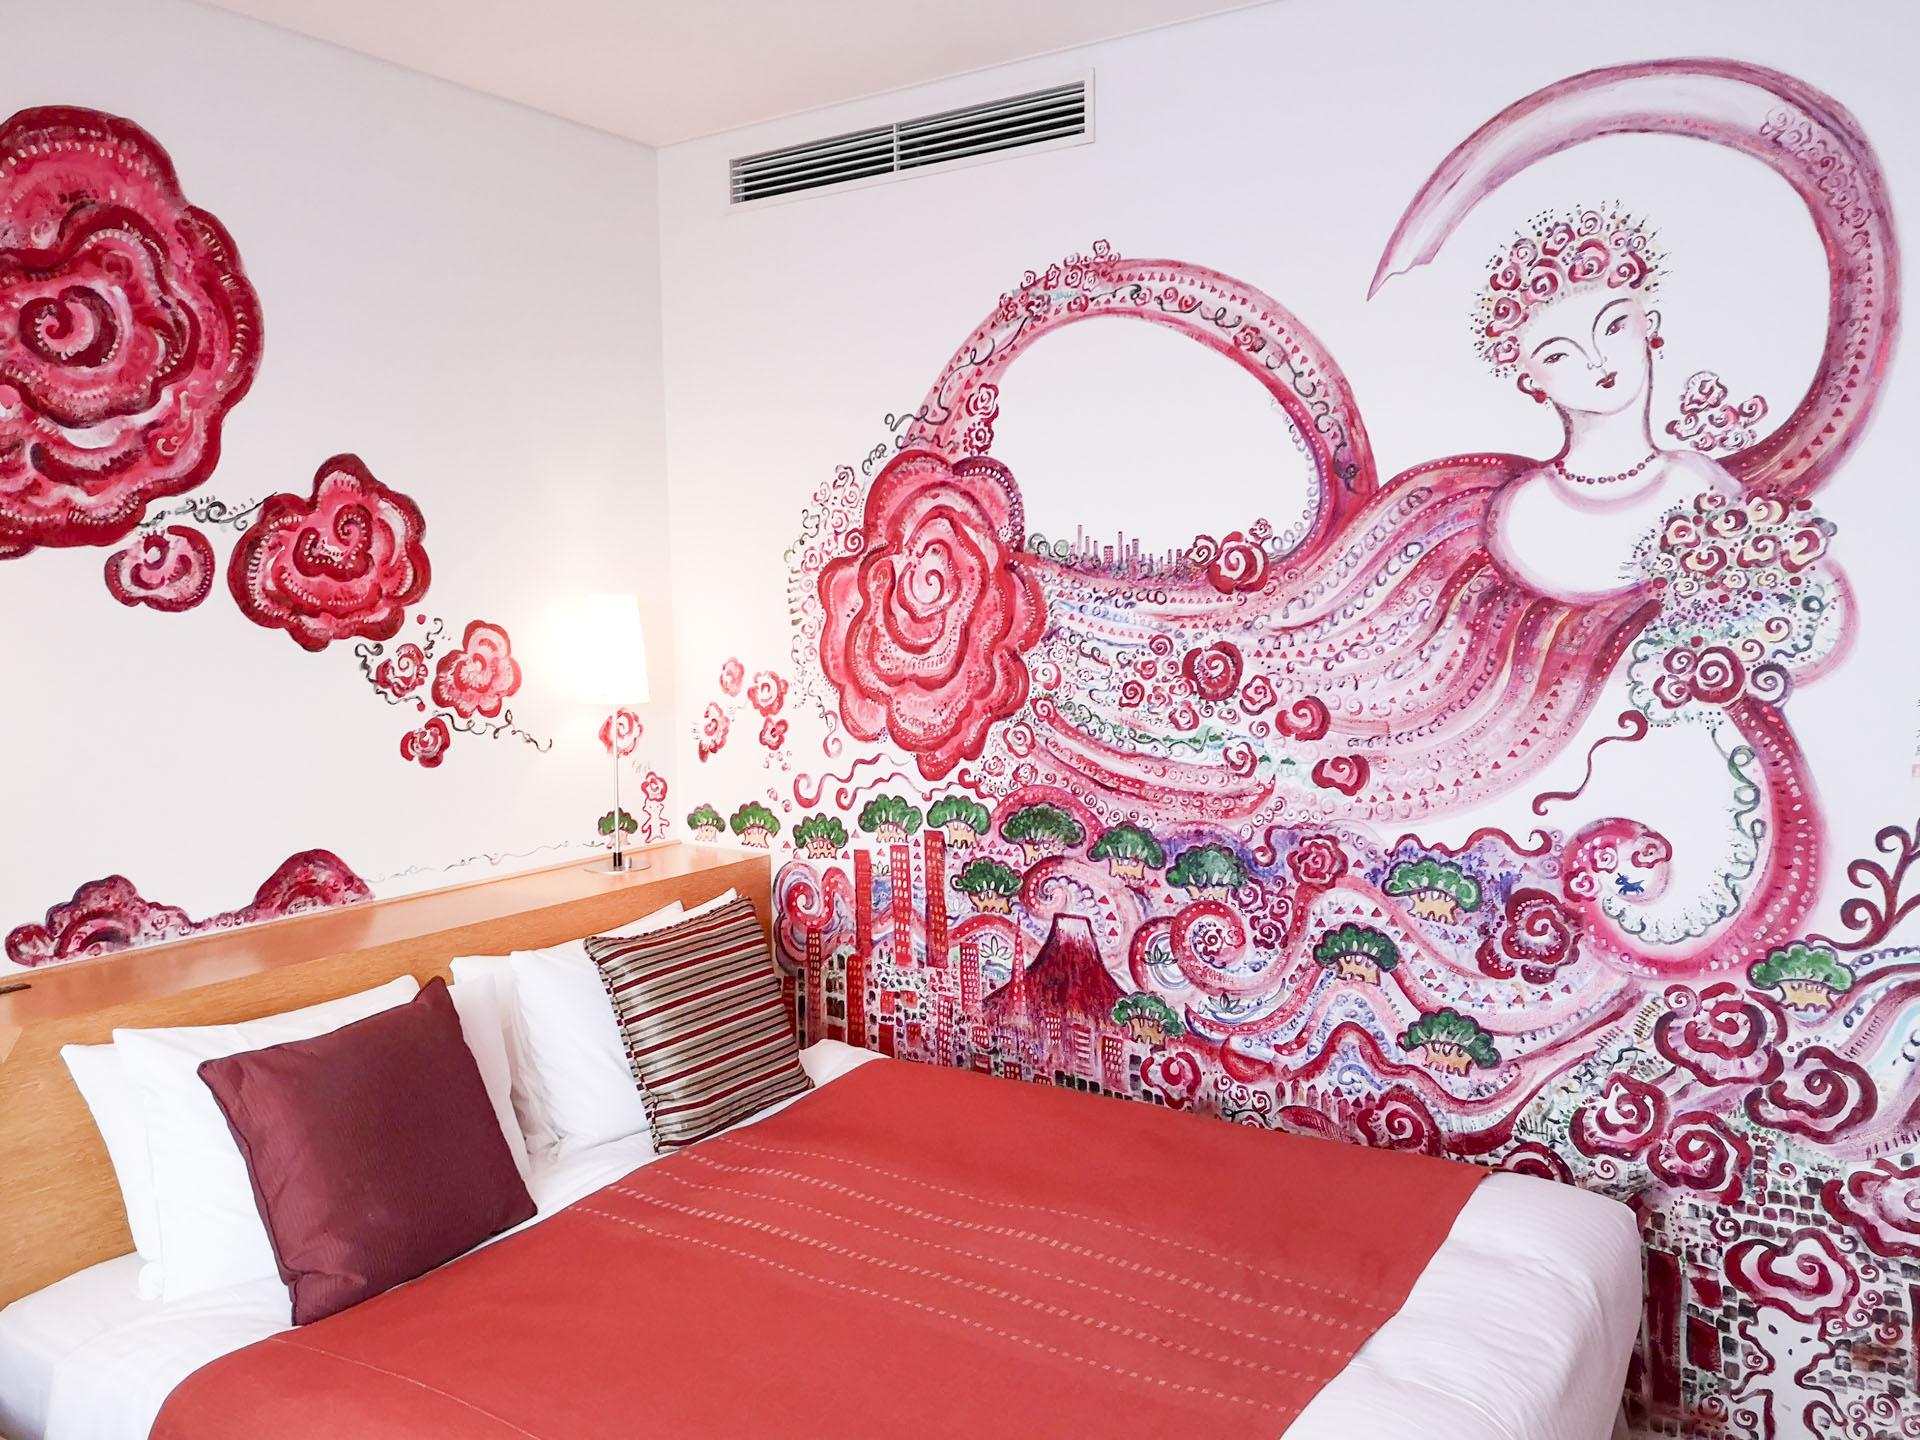 パークホテル東京のアーティストフロアに宿泊!アートと夜景を楽しめる宿泊体験!